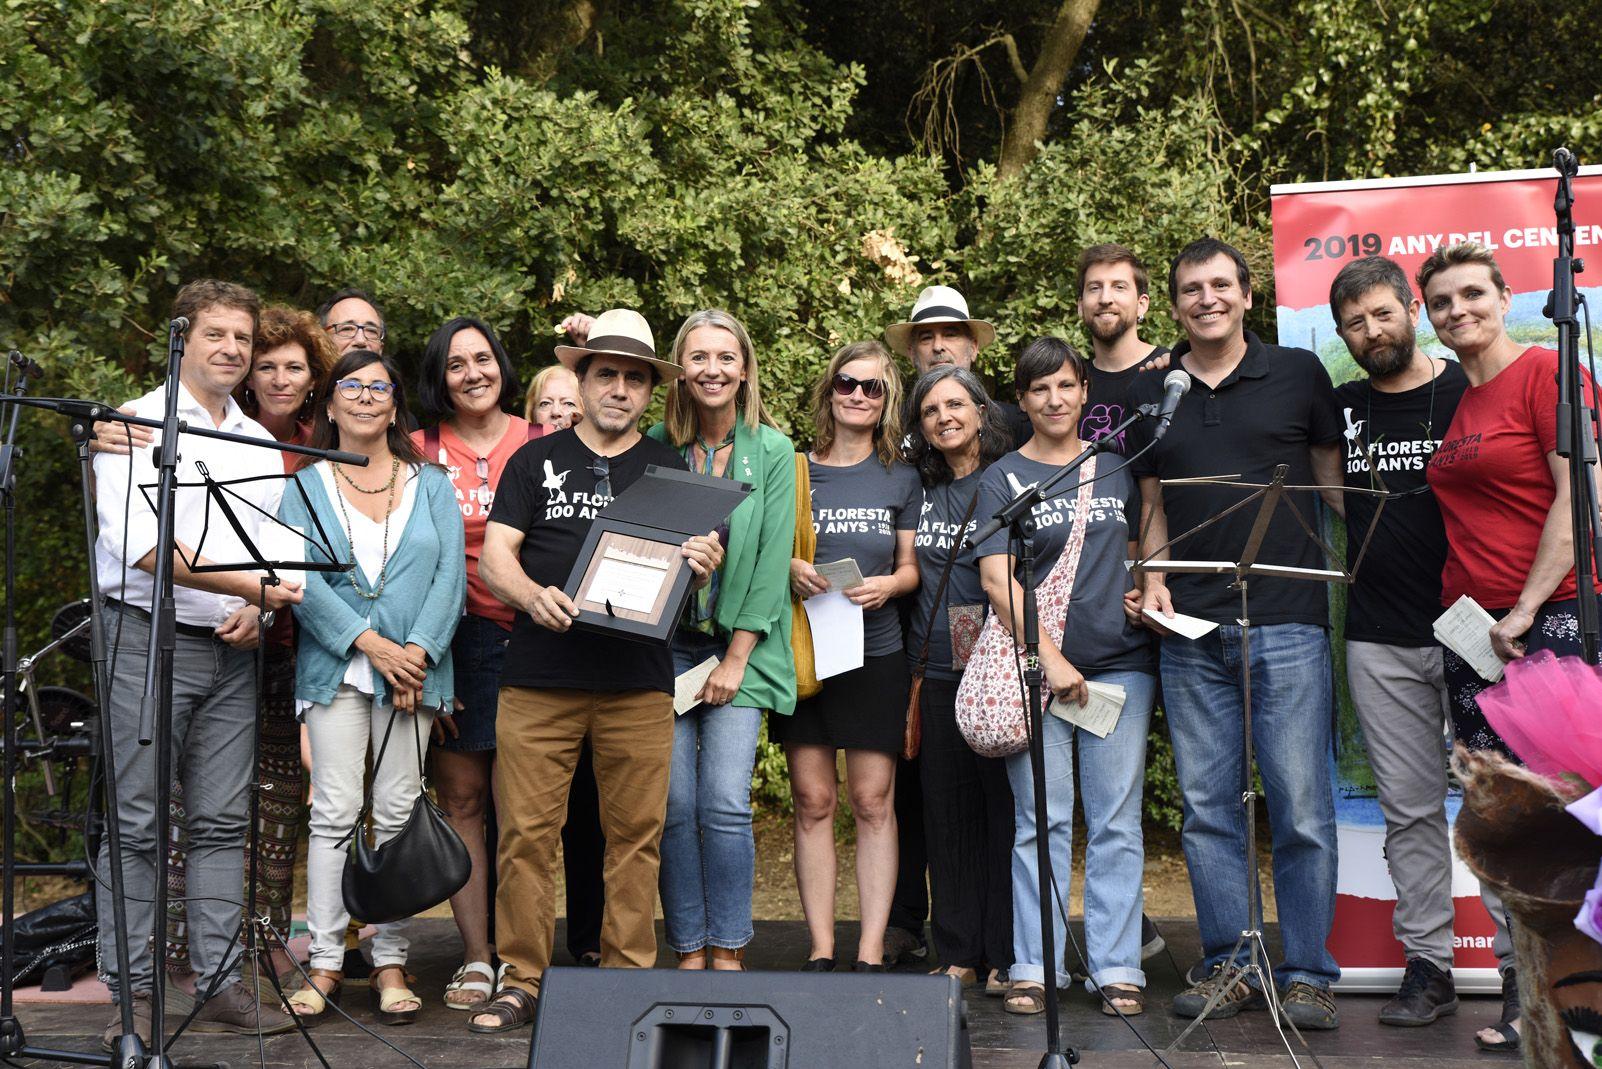 Pregó de la Festa Major de La Floresta. Foto: Bernat Millet.